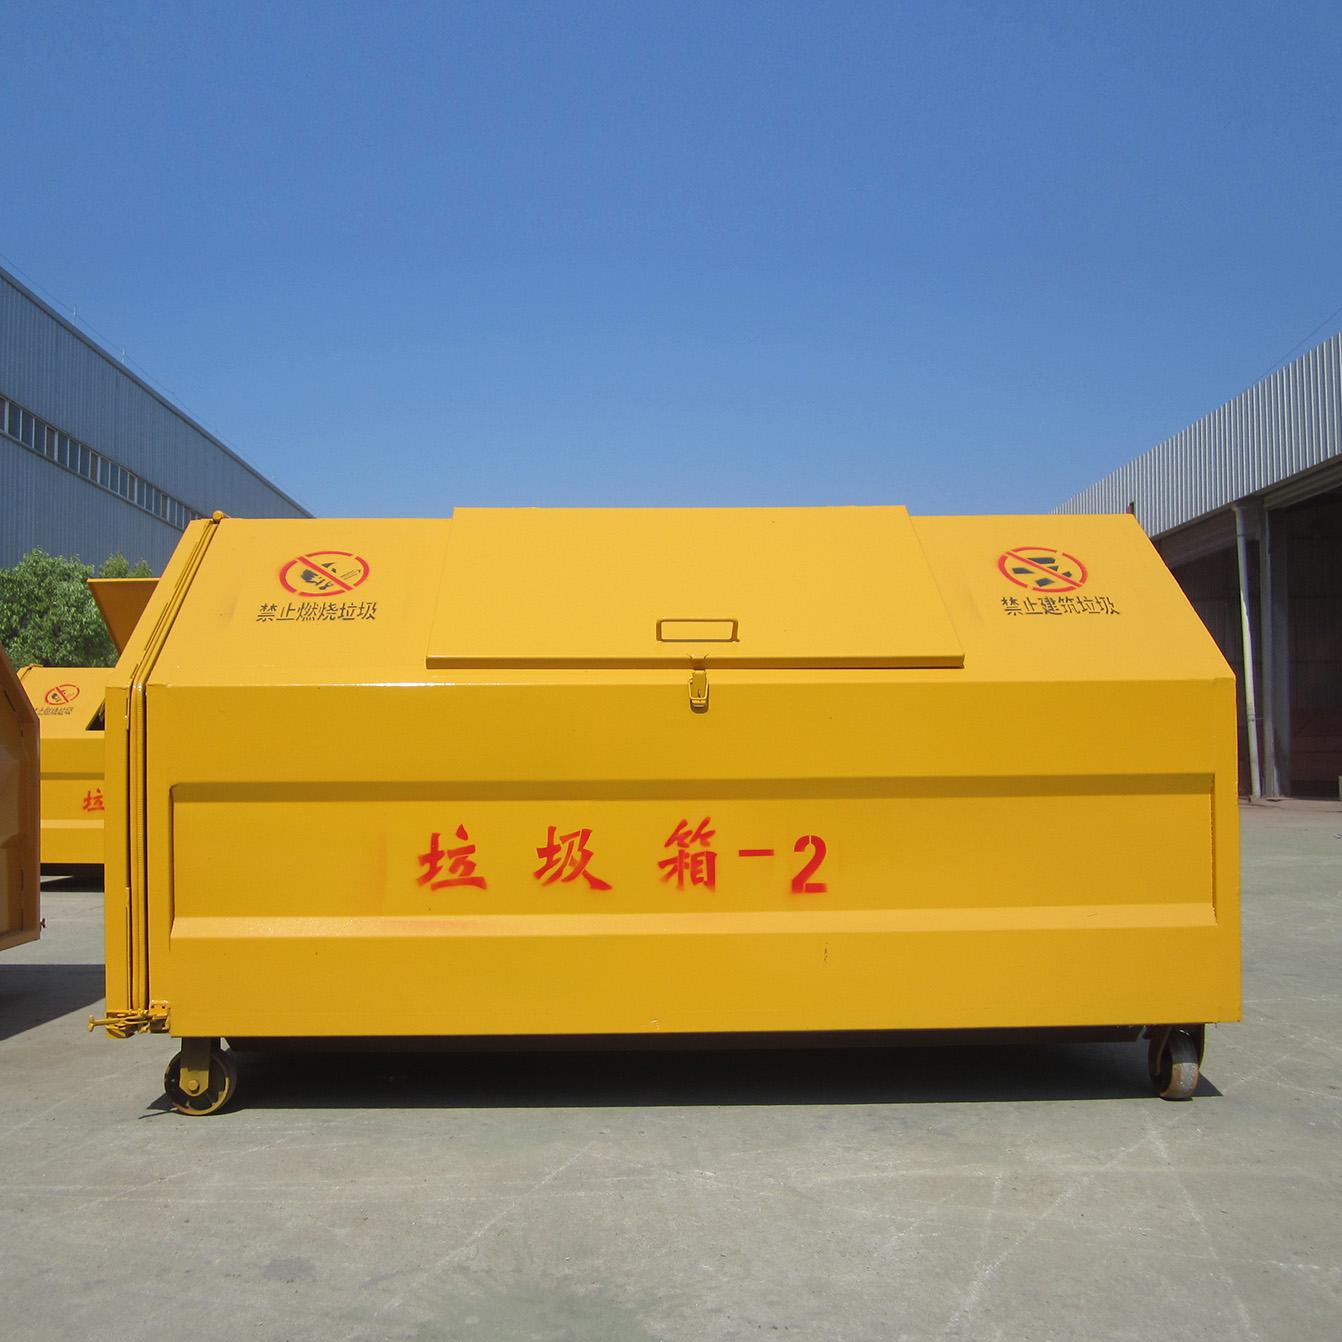 周转箱 垃圾收集箱 垃圾转运箱 垃圾勾臂斗 T梯型碳钢垃圾箱